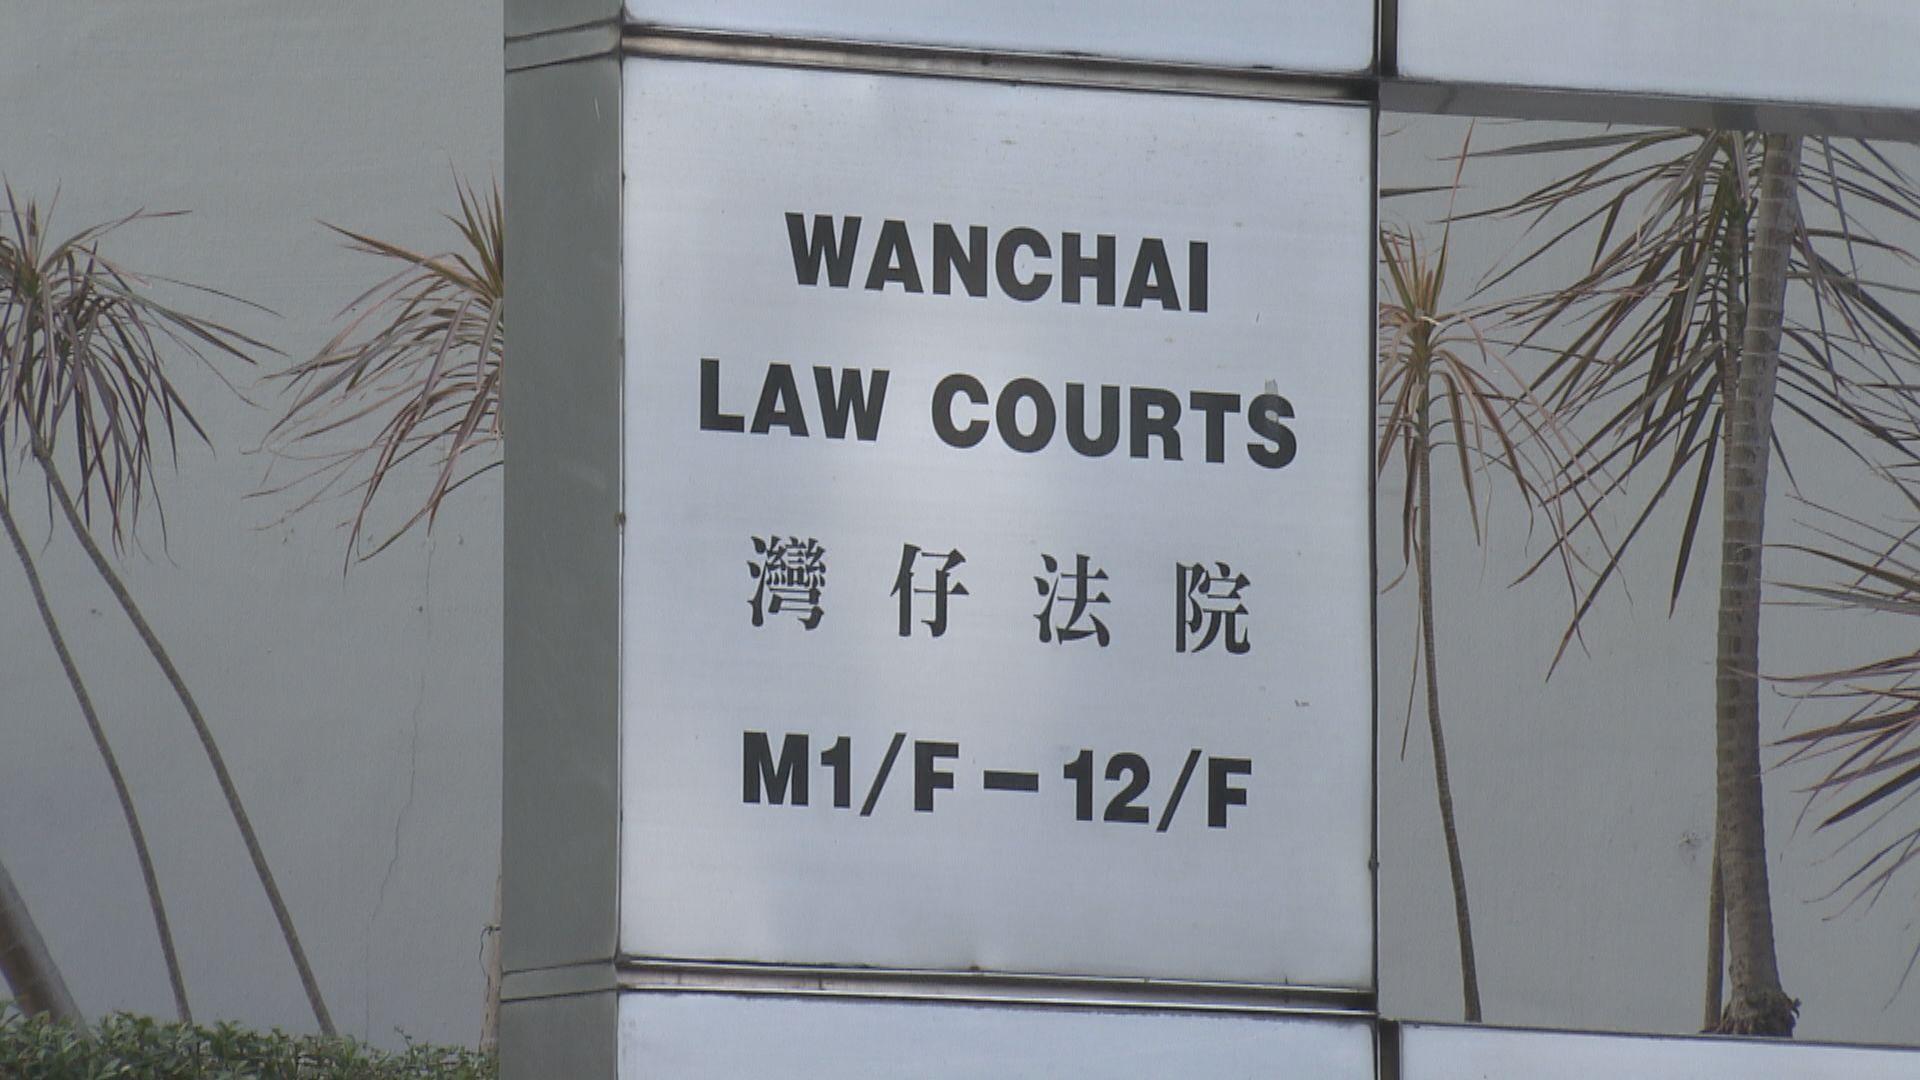 三男前年11月旺角集結被捕多罪罪成